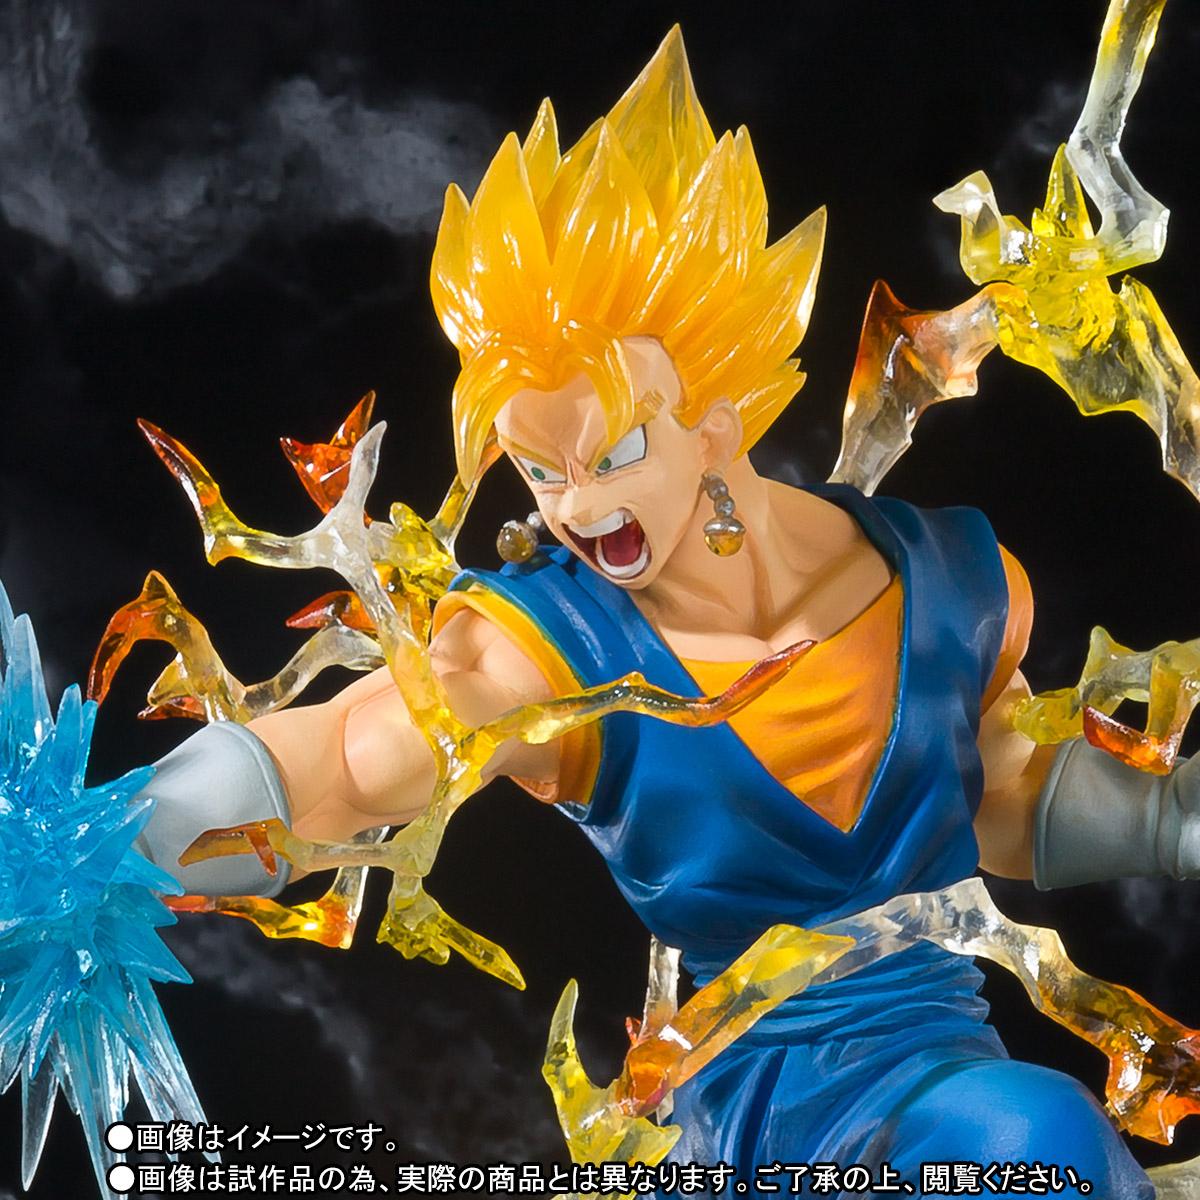 Dragon Ball Z - Figuarts ZERO Super Saiyan Vegetto (Limited Pre-order)